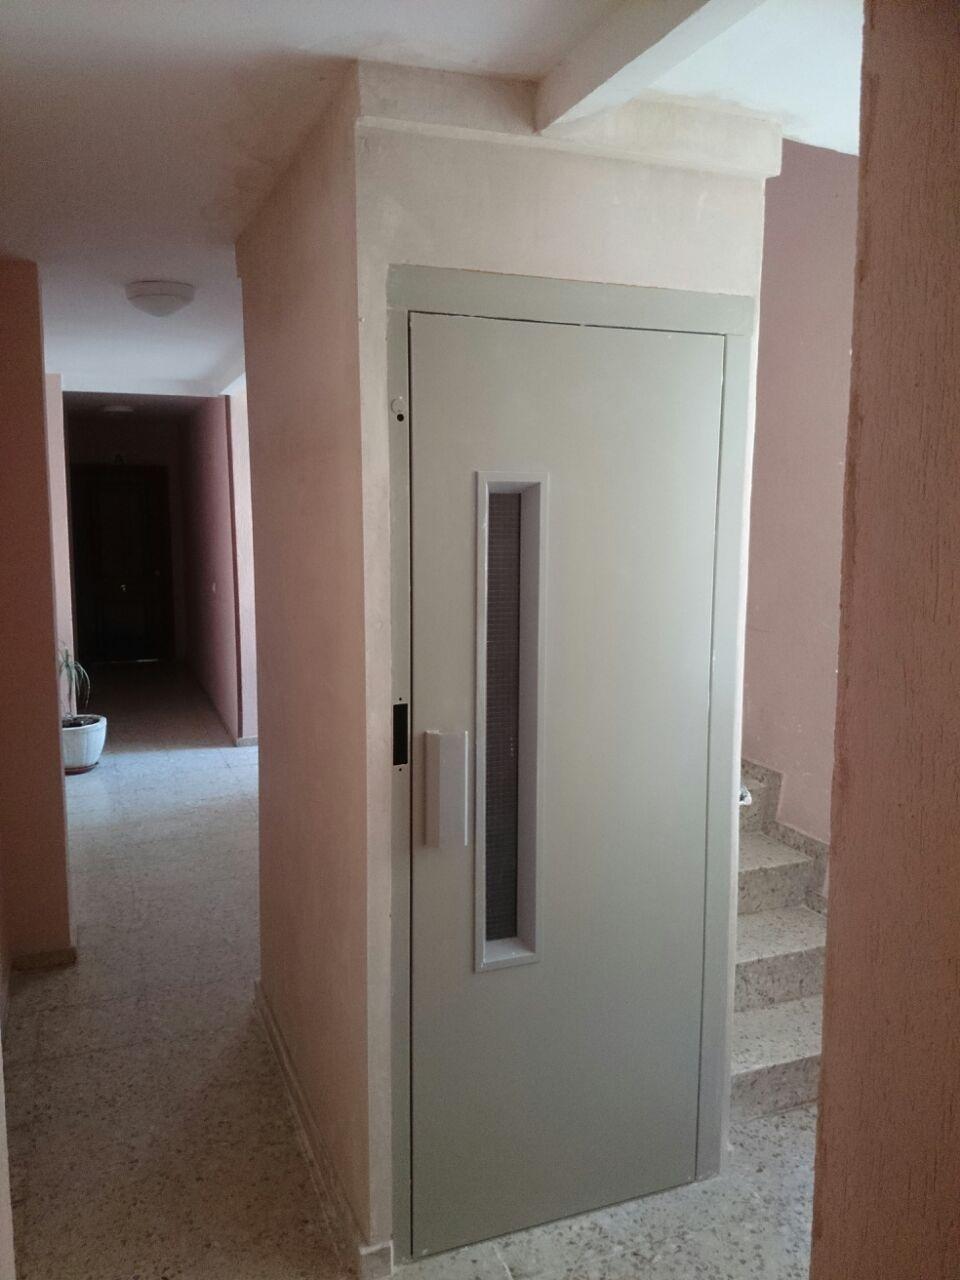 Instalaci n de ascensor en escalera de dimensiones - Precio instalacion ascensor ...